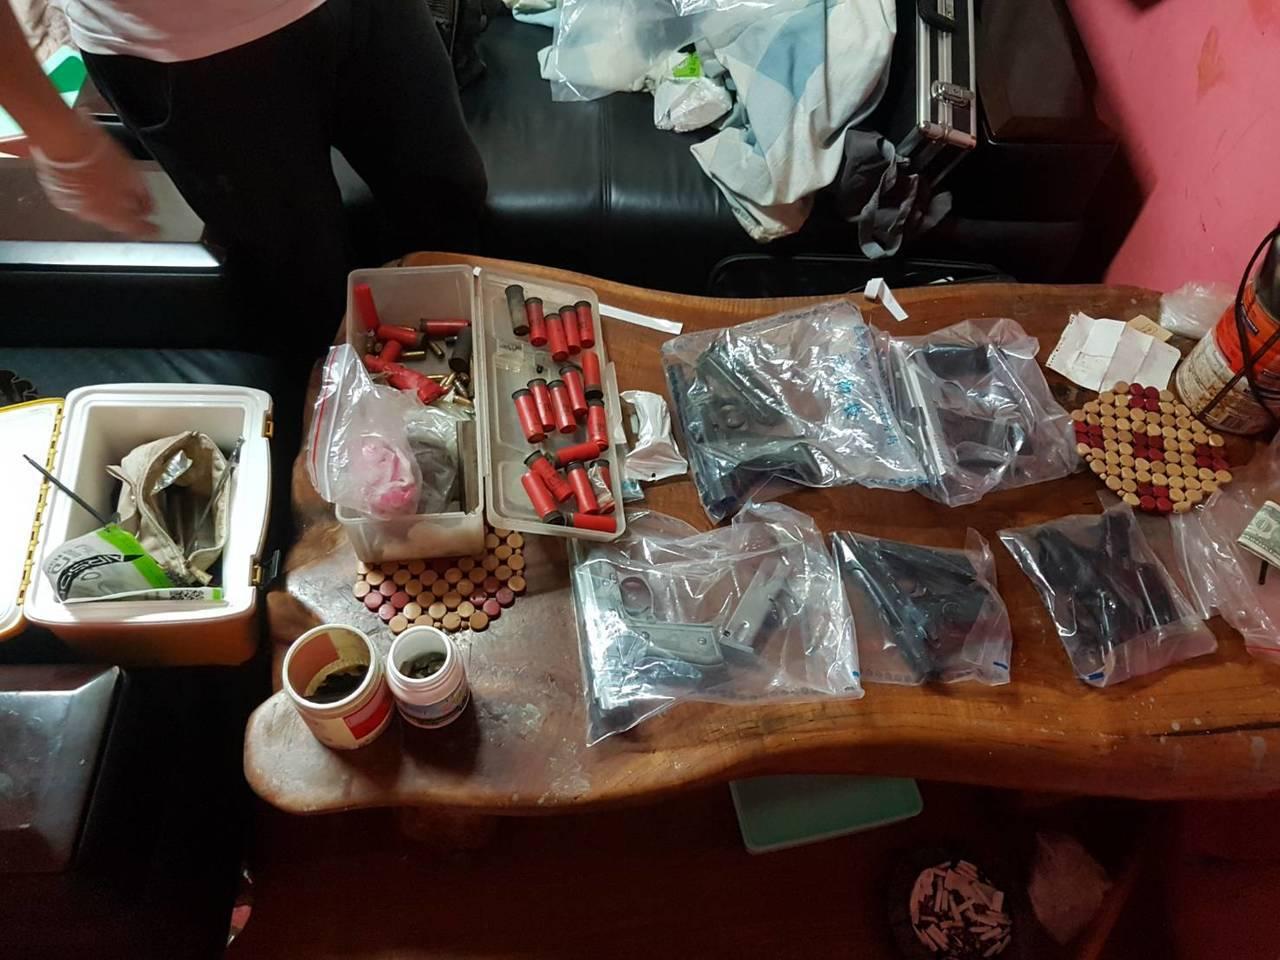 警方查扣安非他命22包(共35.4公克)、毒品吸食器、改造槍枝5把、子彈近90枚...